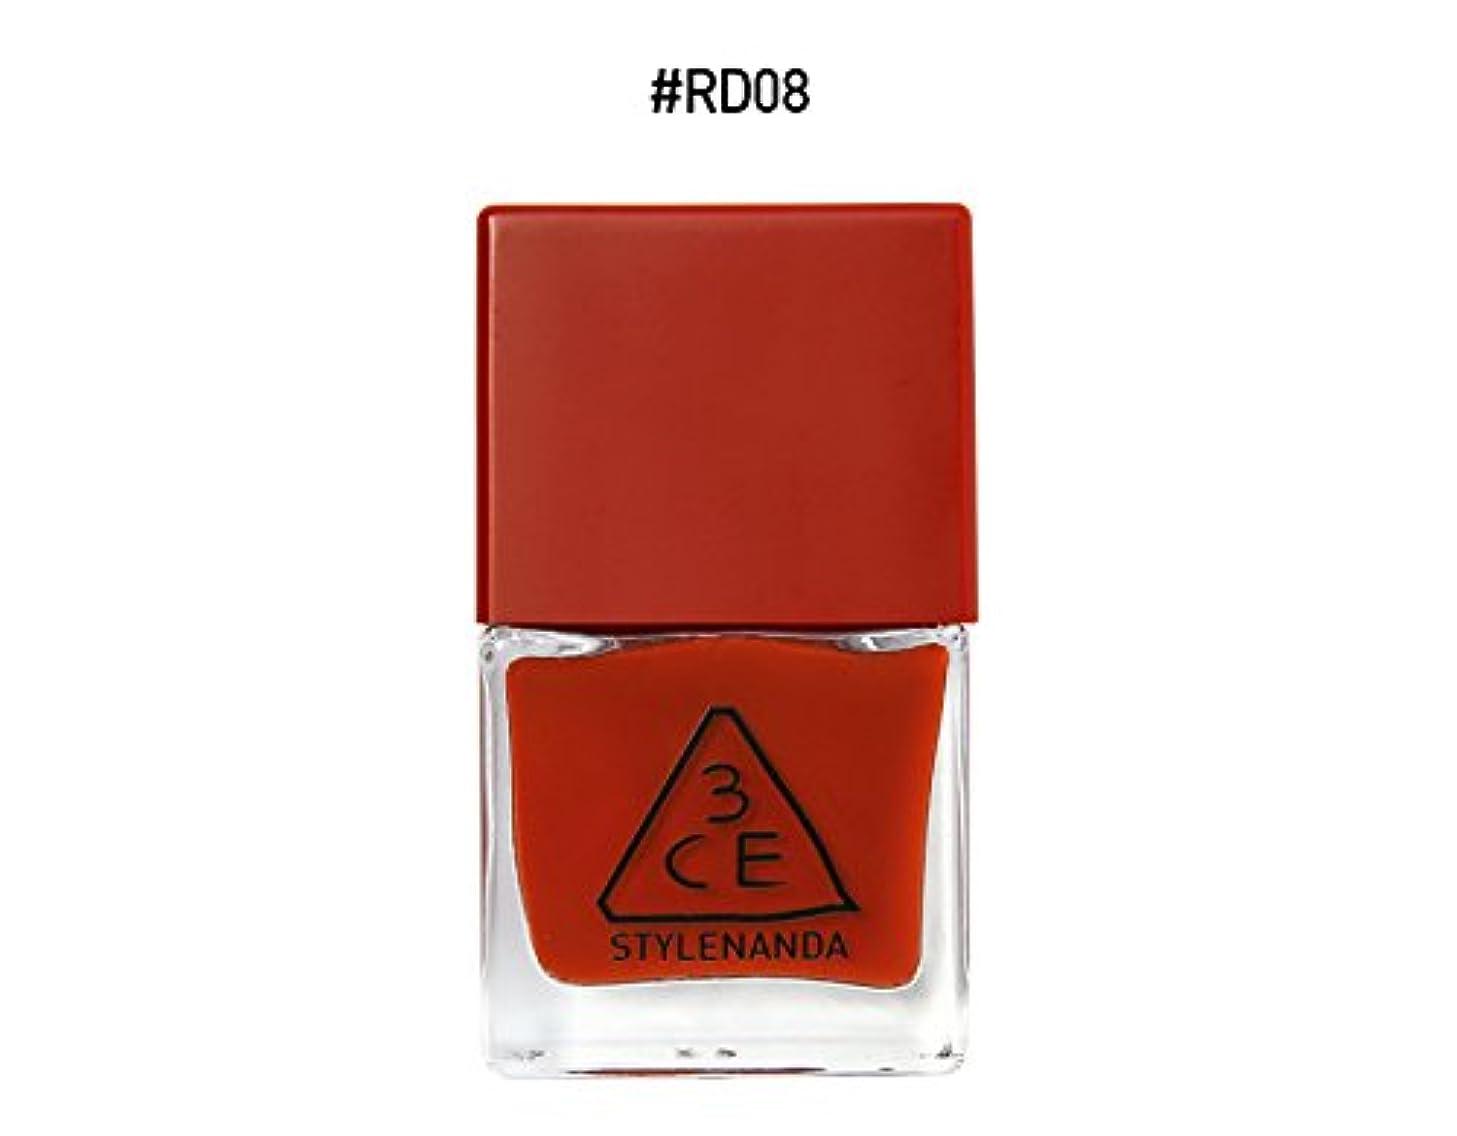 モーション道路許容できる3CE RED RECIPE LONG LASTING NAIL LACQUER/レッドレシピ ロングラスティング ネイルラッカー (RD08) [並行輸入品]